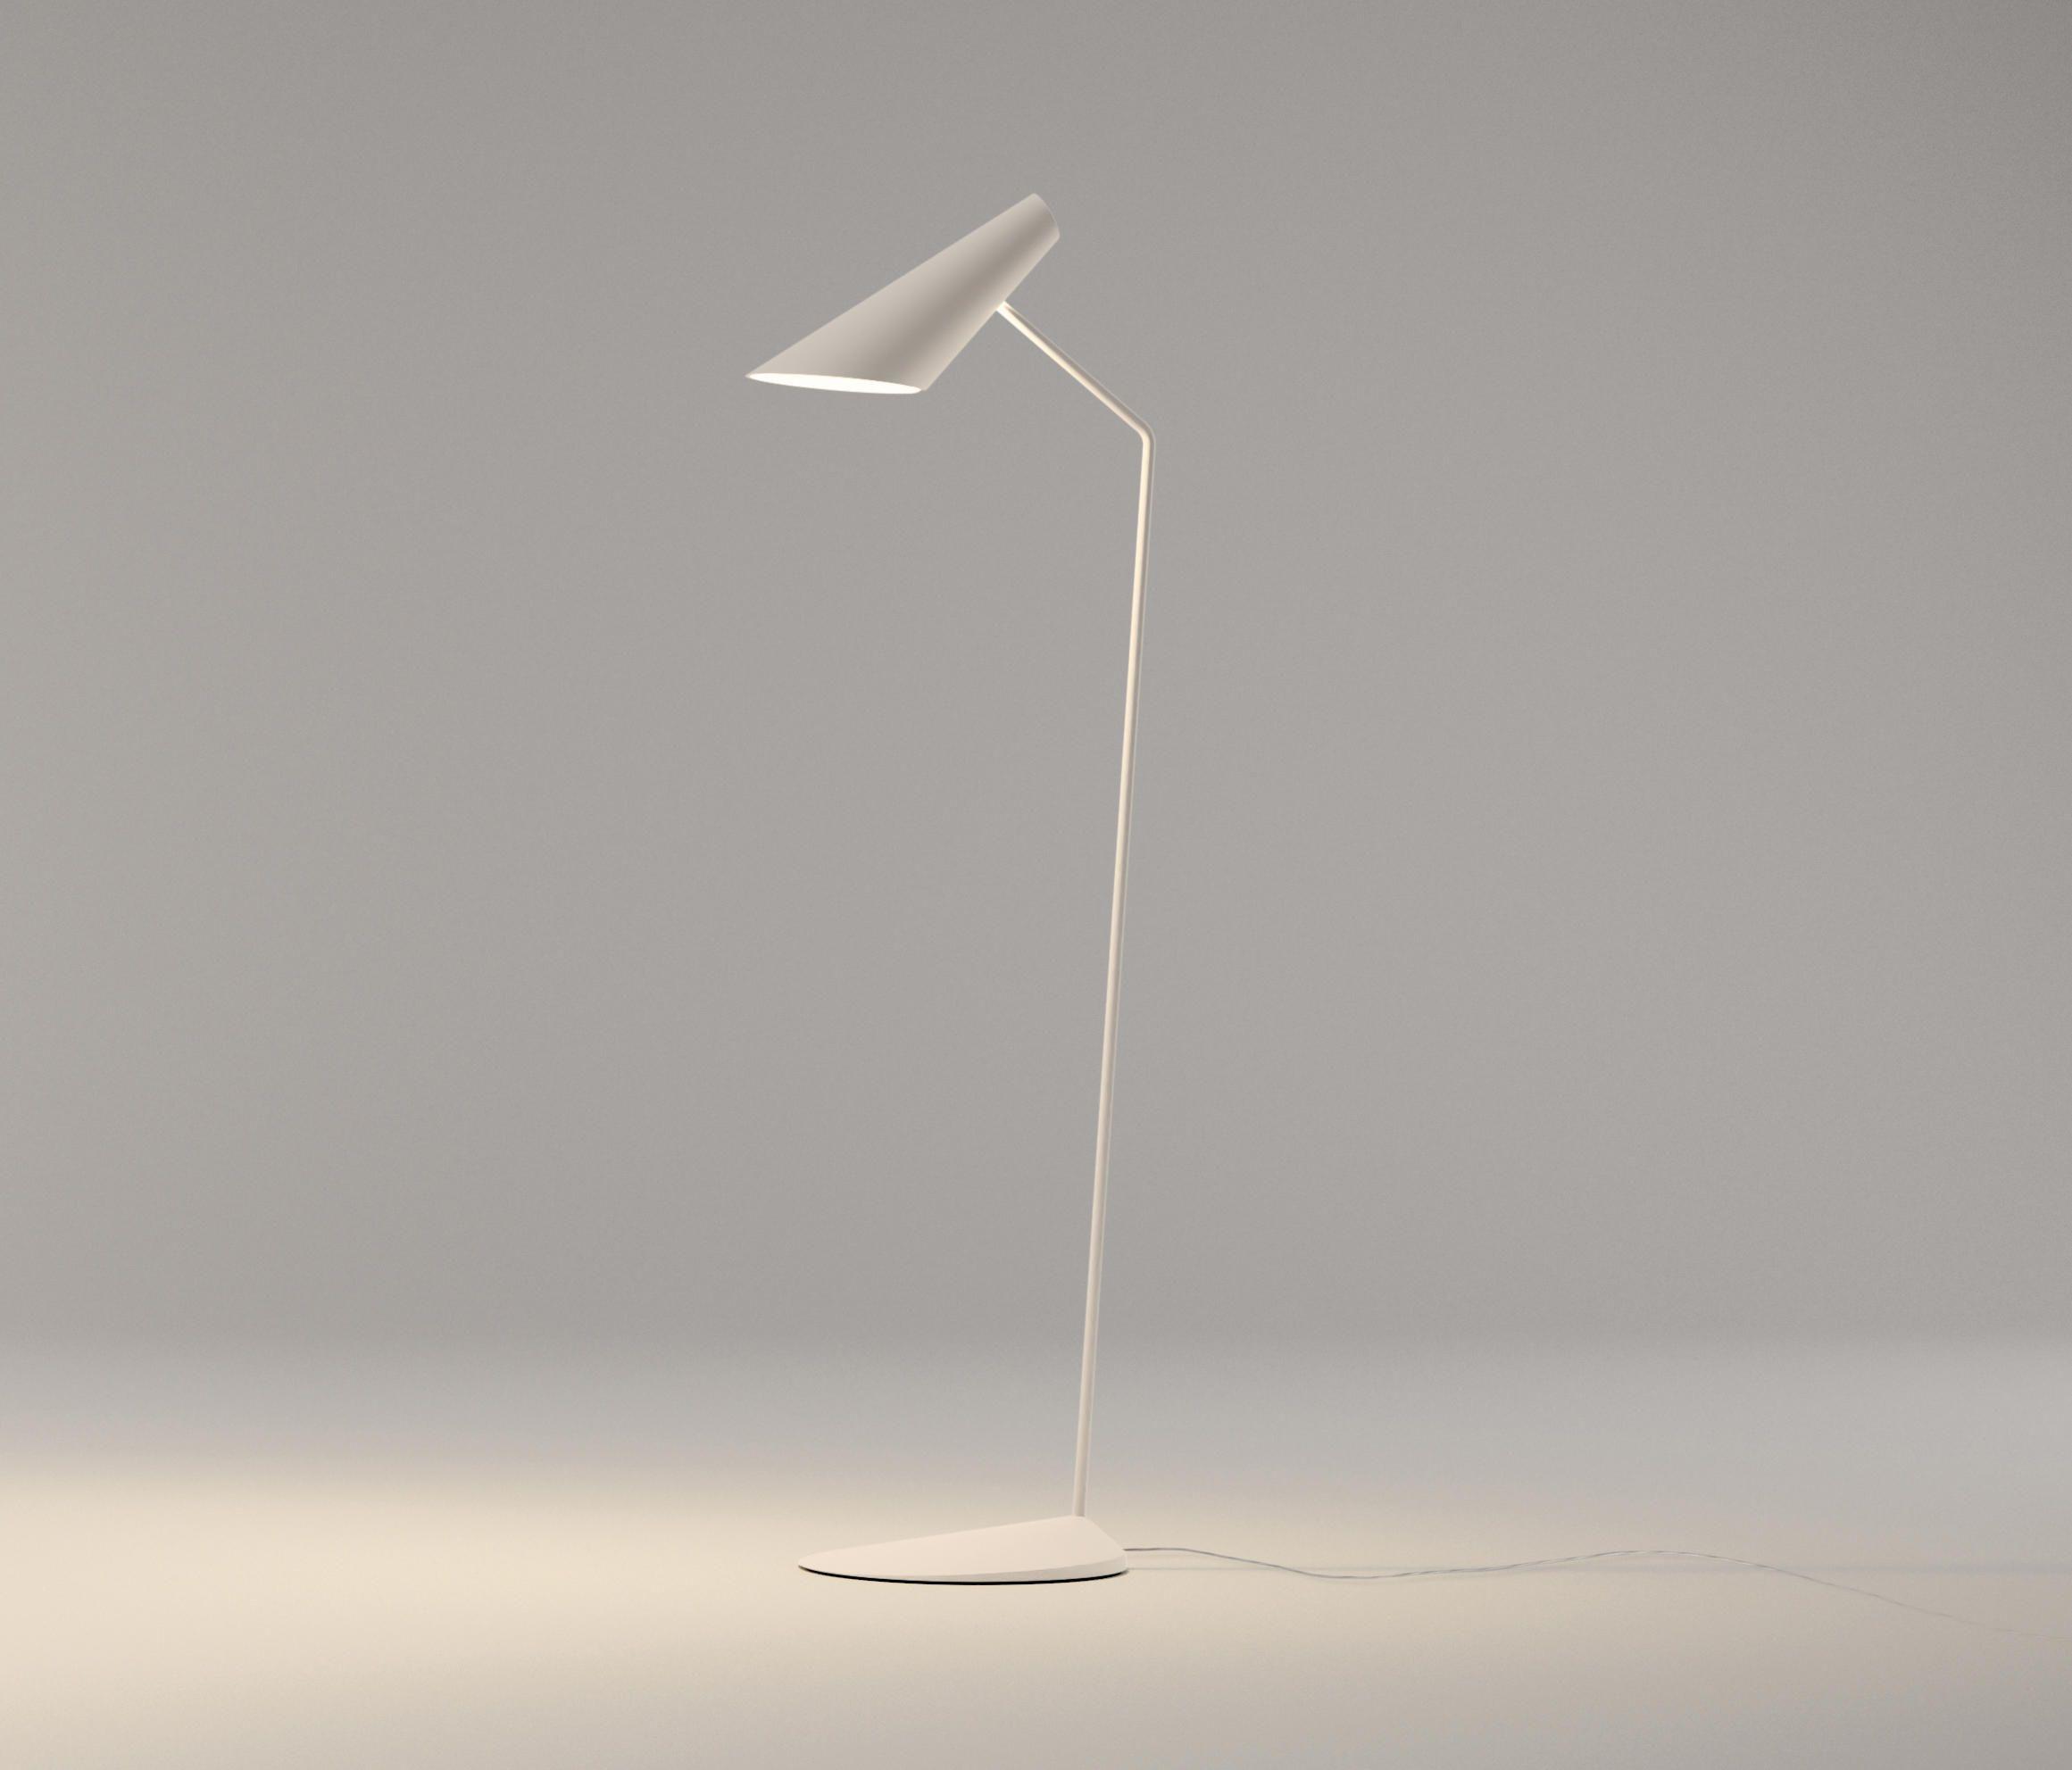 I Cono 0712 Stehleuchte Designer Allgemeinbeleuchtung Von Vibia Alle Infos Hochauflosende Bilder Cads Kataloge Preisanf Stehlampe Lampe Beleuchtung